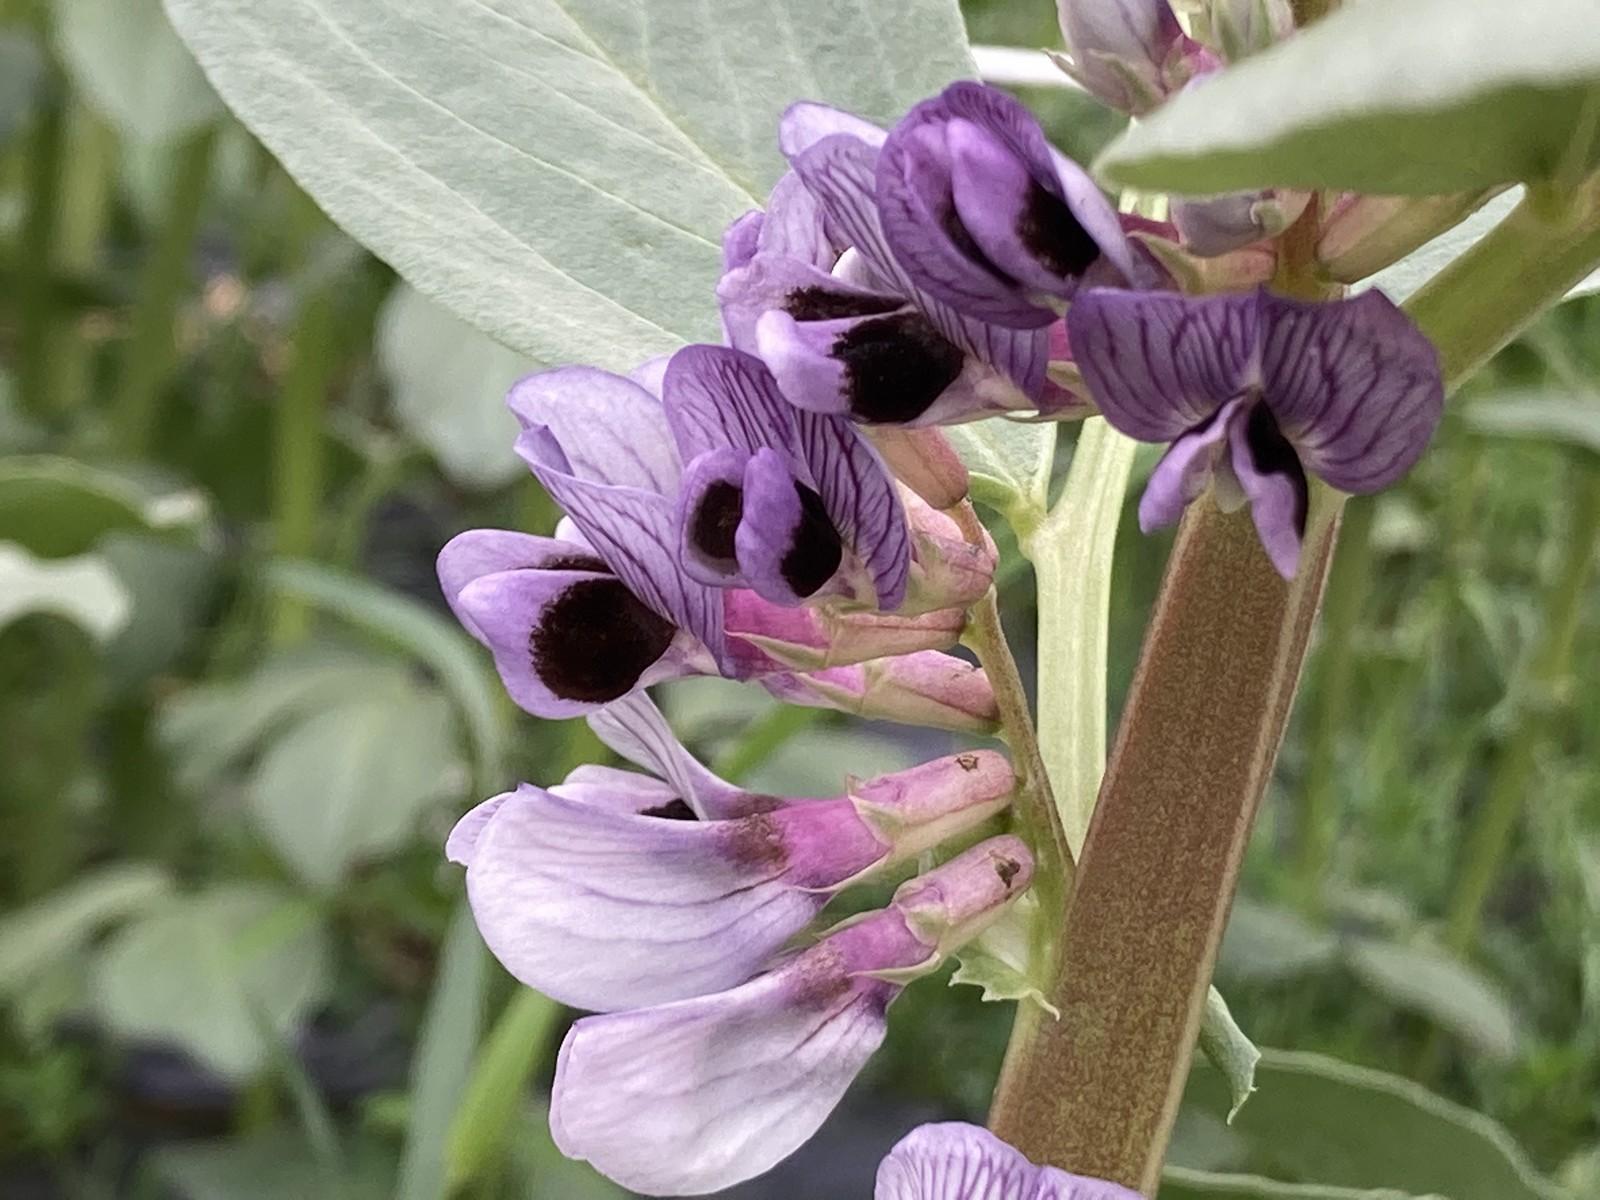 fave di Sauris - il fiore dalle sfumature violacee